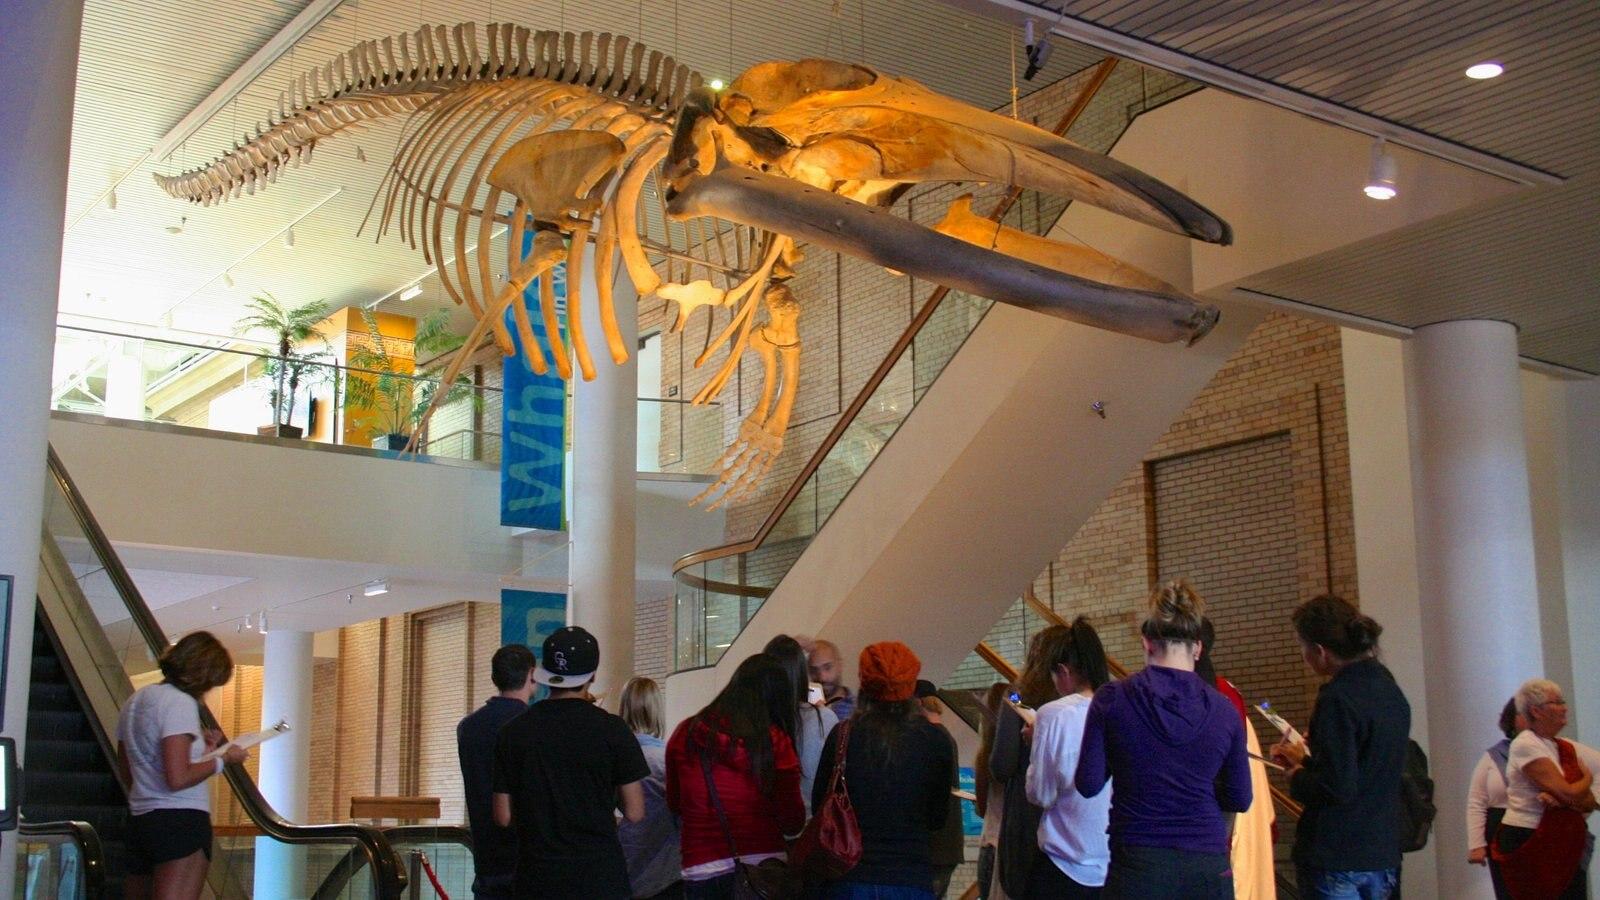 Denver Museum of Nature and Science mostrando vistas internas assim como um grande grupo de pessoas